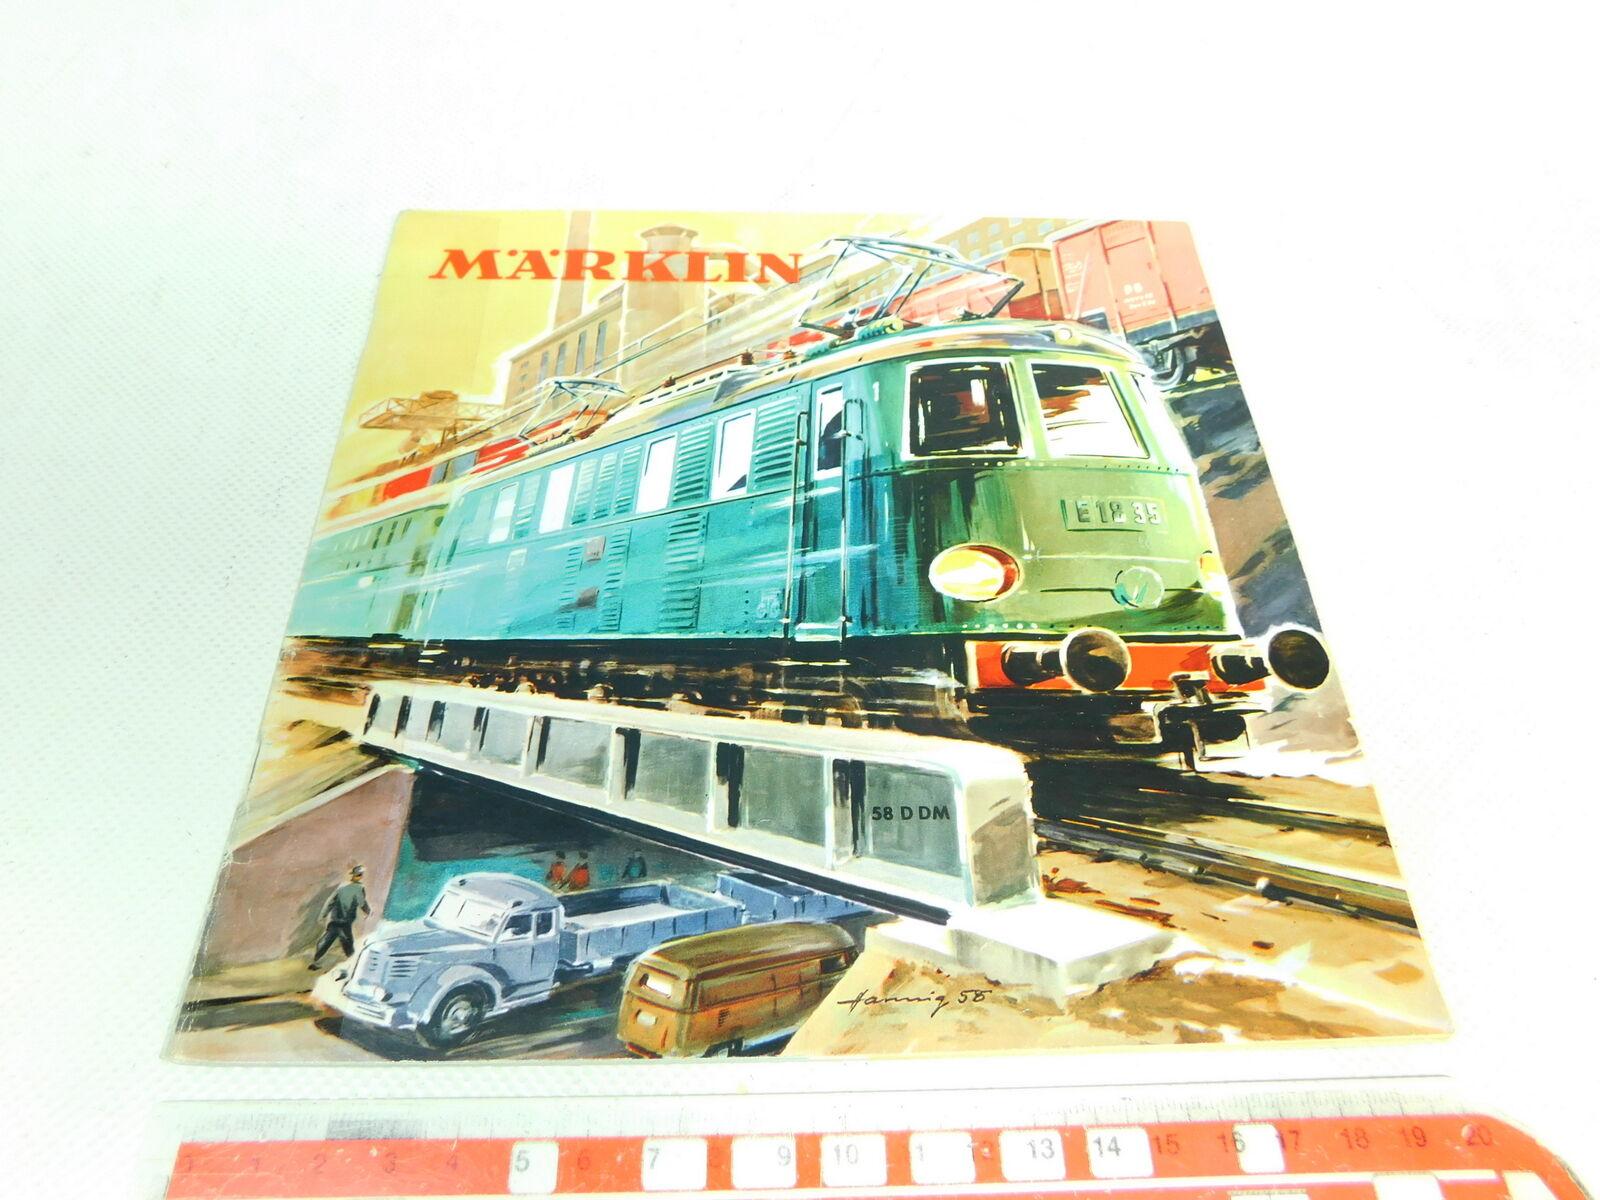 Bt670-0, 5    Catalogo 58 D dm/58ddm/1958 con coupon